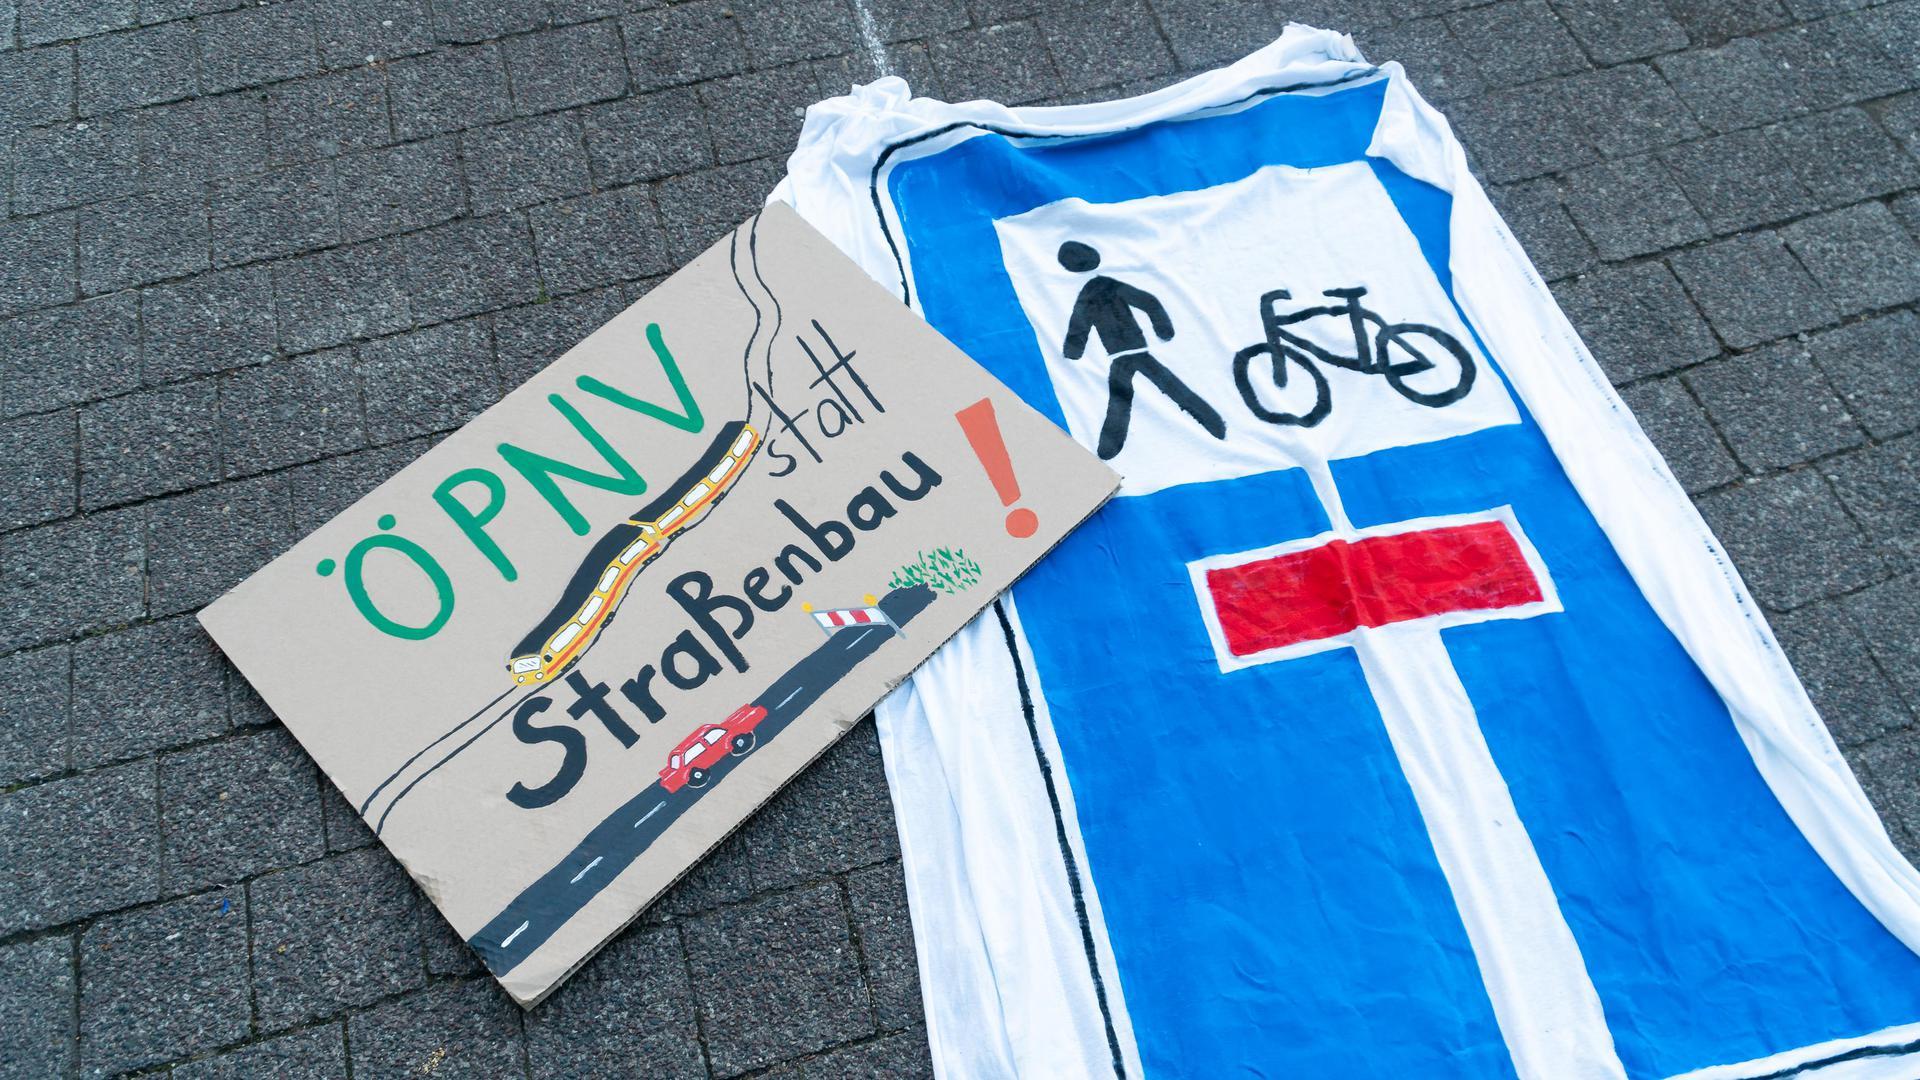 """Mehr ÖPNV, weniger Individualverkehr: Das fordern beispielsweise Aktivisten von Fridays for Future, auch beim """"Parking Day"""" am Freitag in Karlsruhe."""